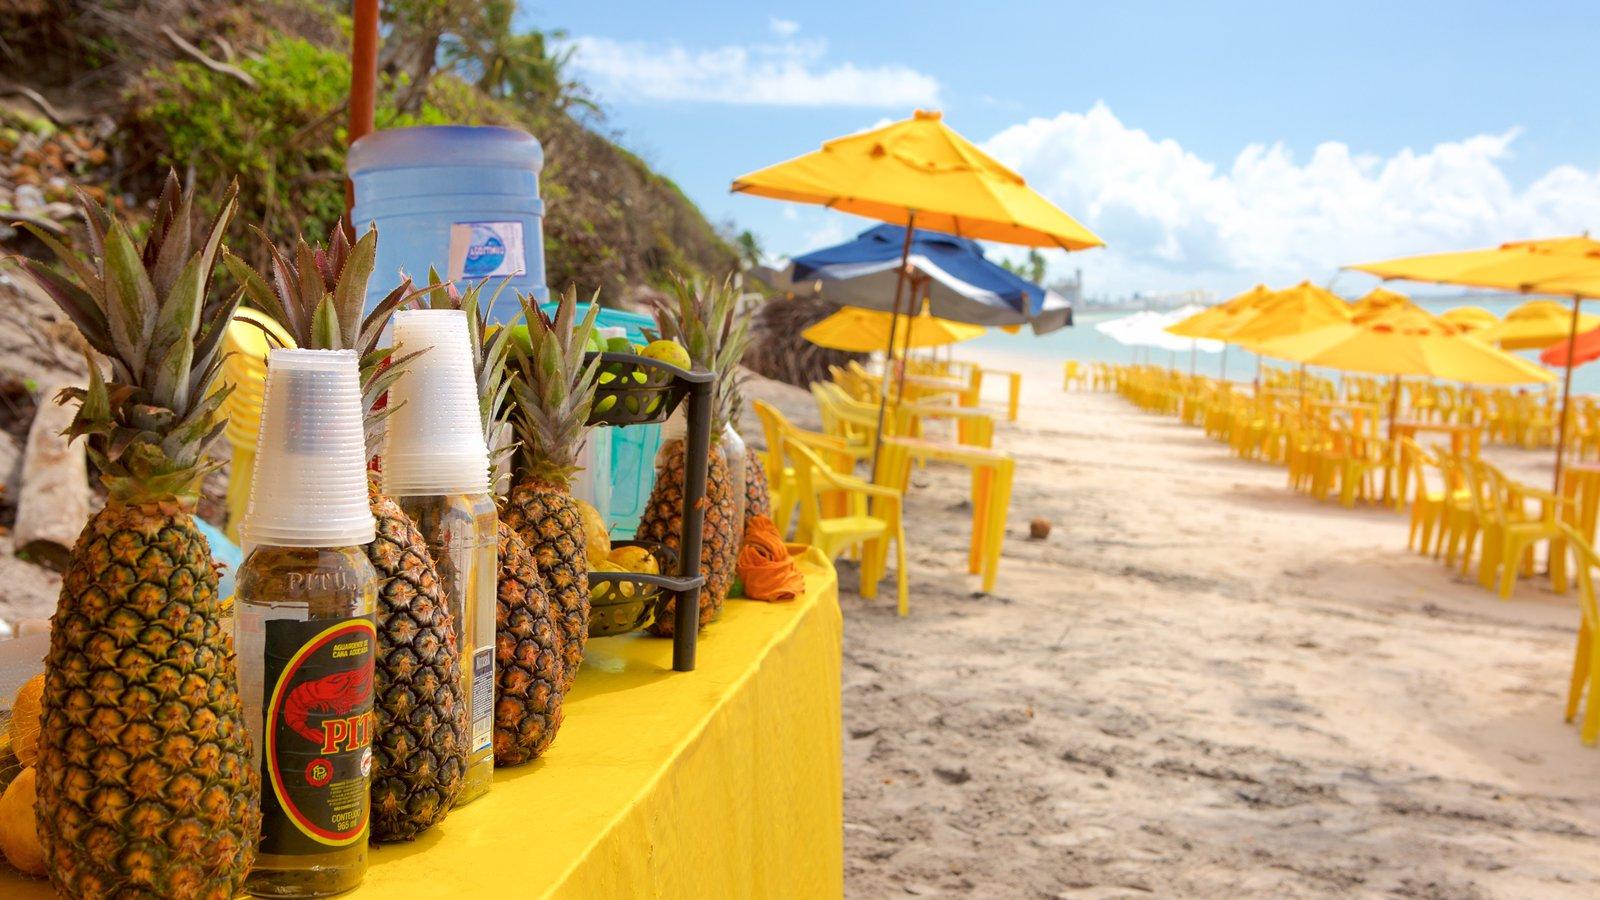 Ipojuca caracterizando paisagens litorâneas, cenas tropicais e bebidas